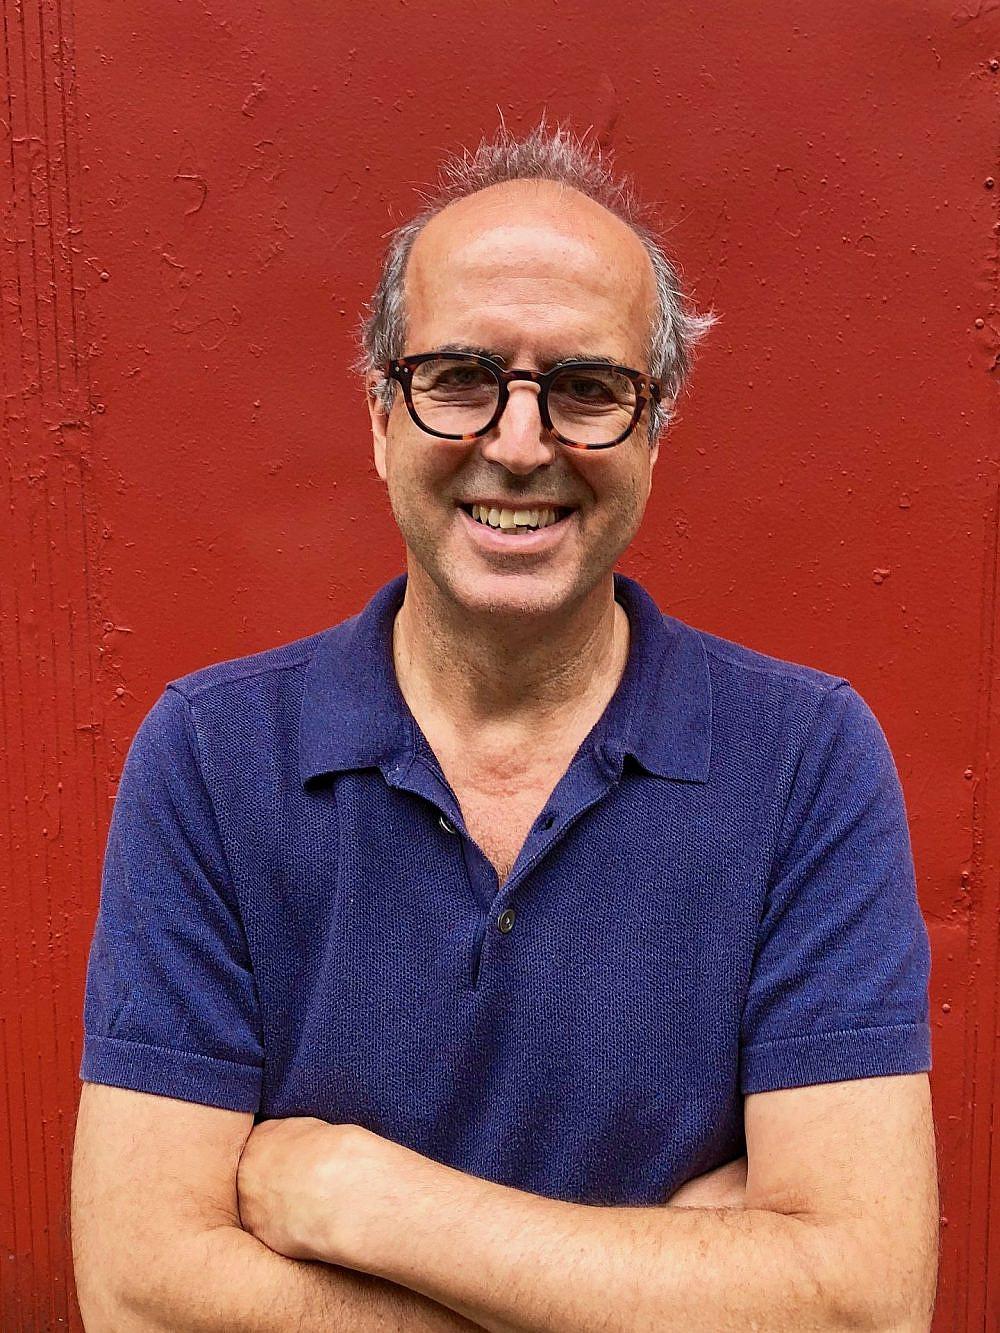 הבמאי אורן רודבסקי (צילום: קלייר רדן)